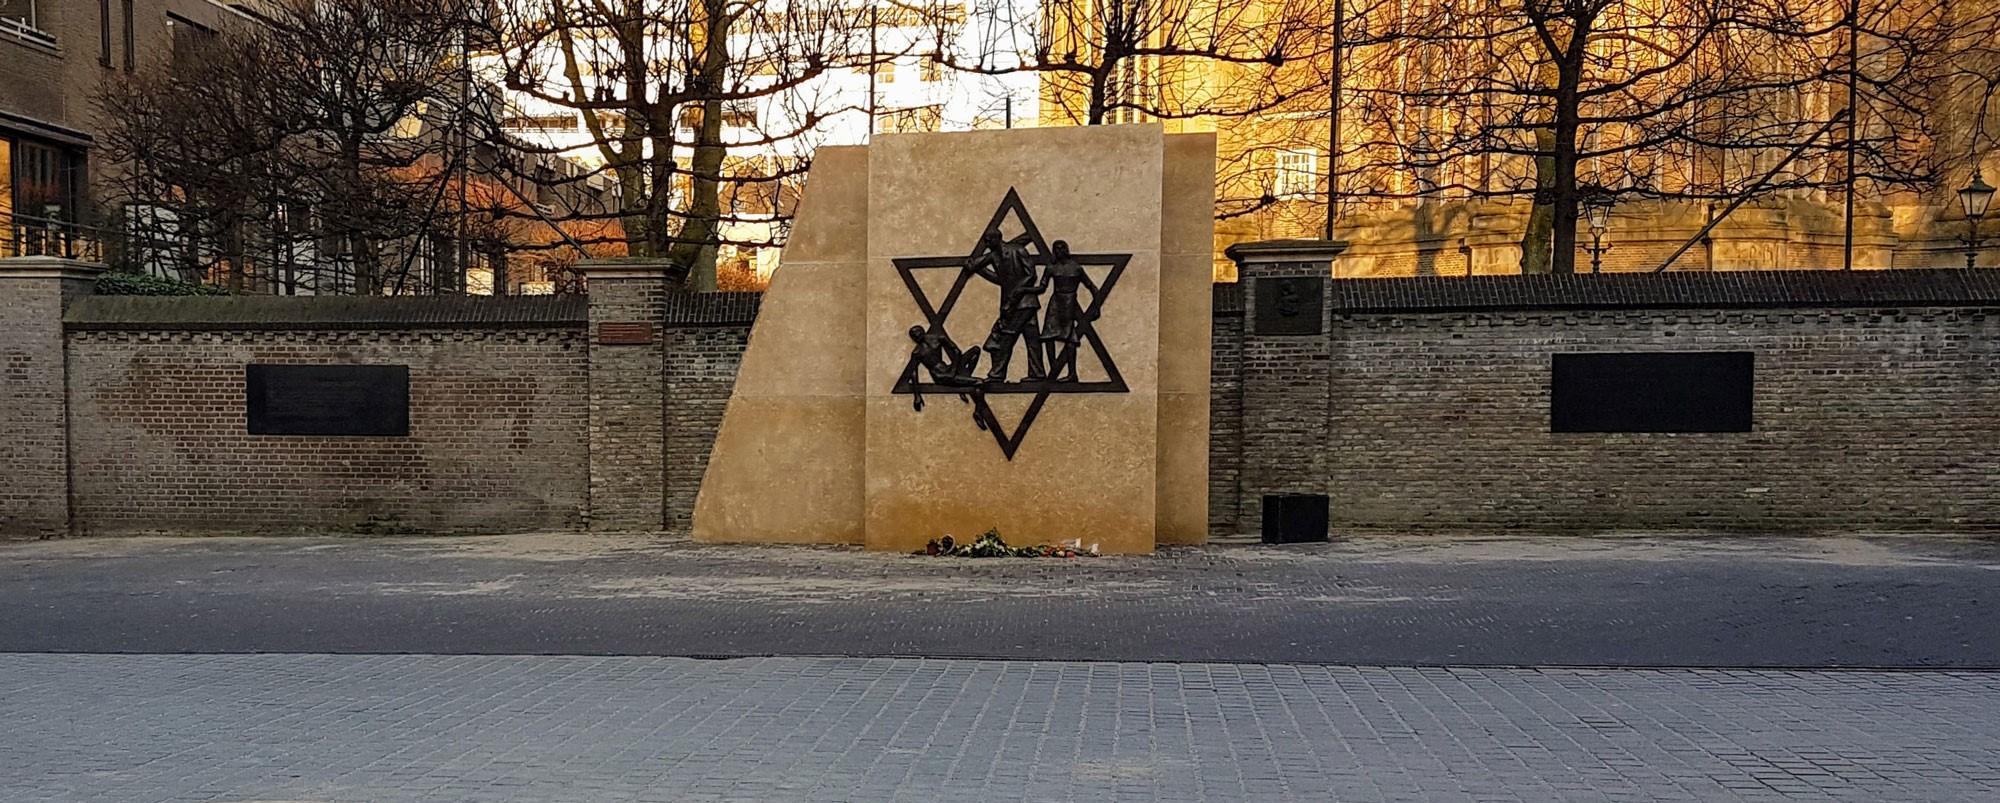 'Ik wil dat Joden zich hier weer veilig voelen'